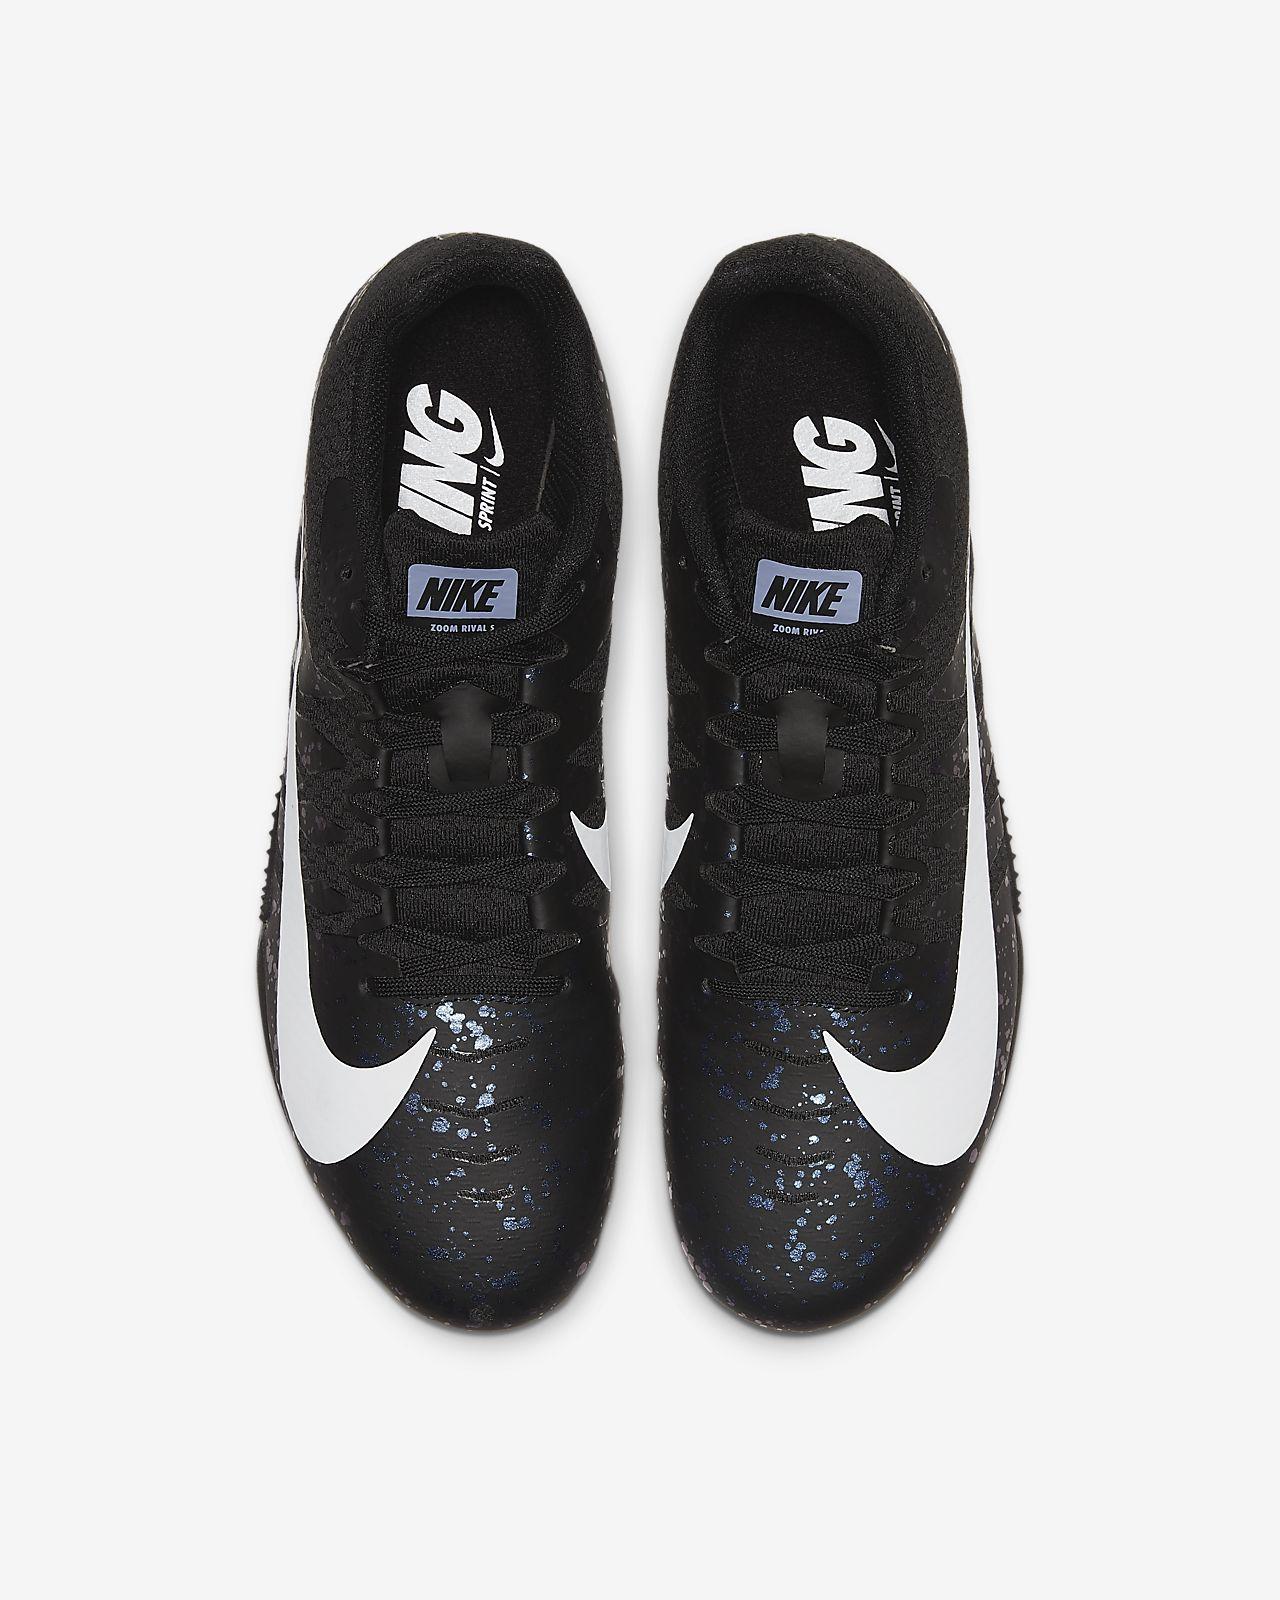 nuovo massimo accaparramento come merce rara stile classico del 2019 Nike Zoom Rival S 9 Unisex-Leichtathletikschuh. Nike BE